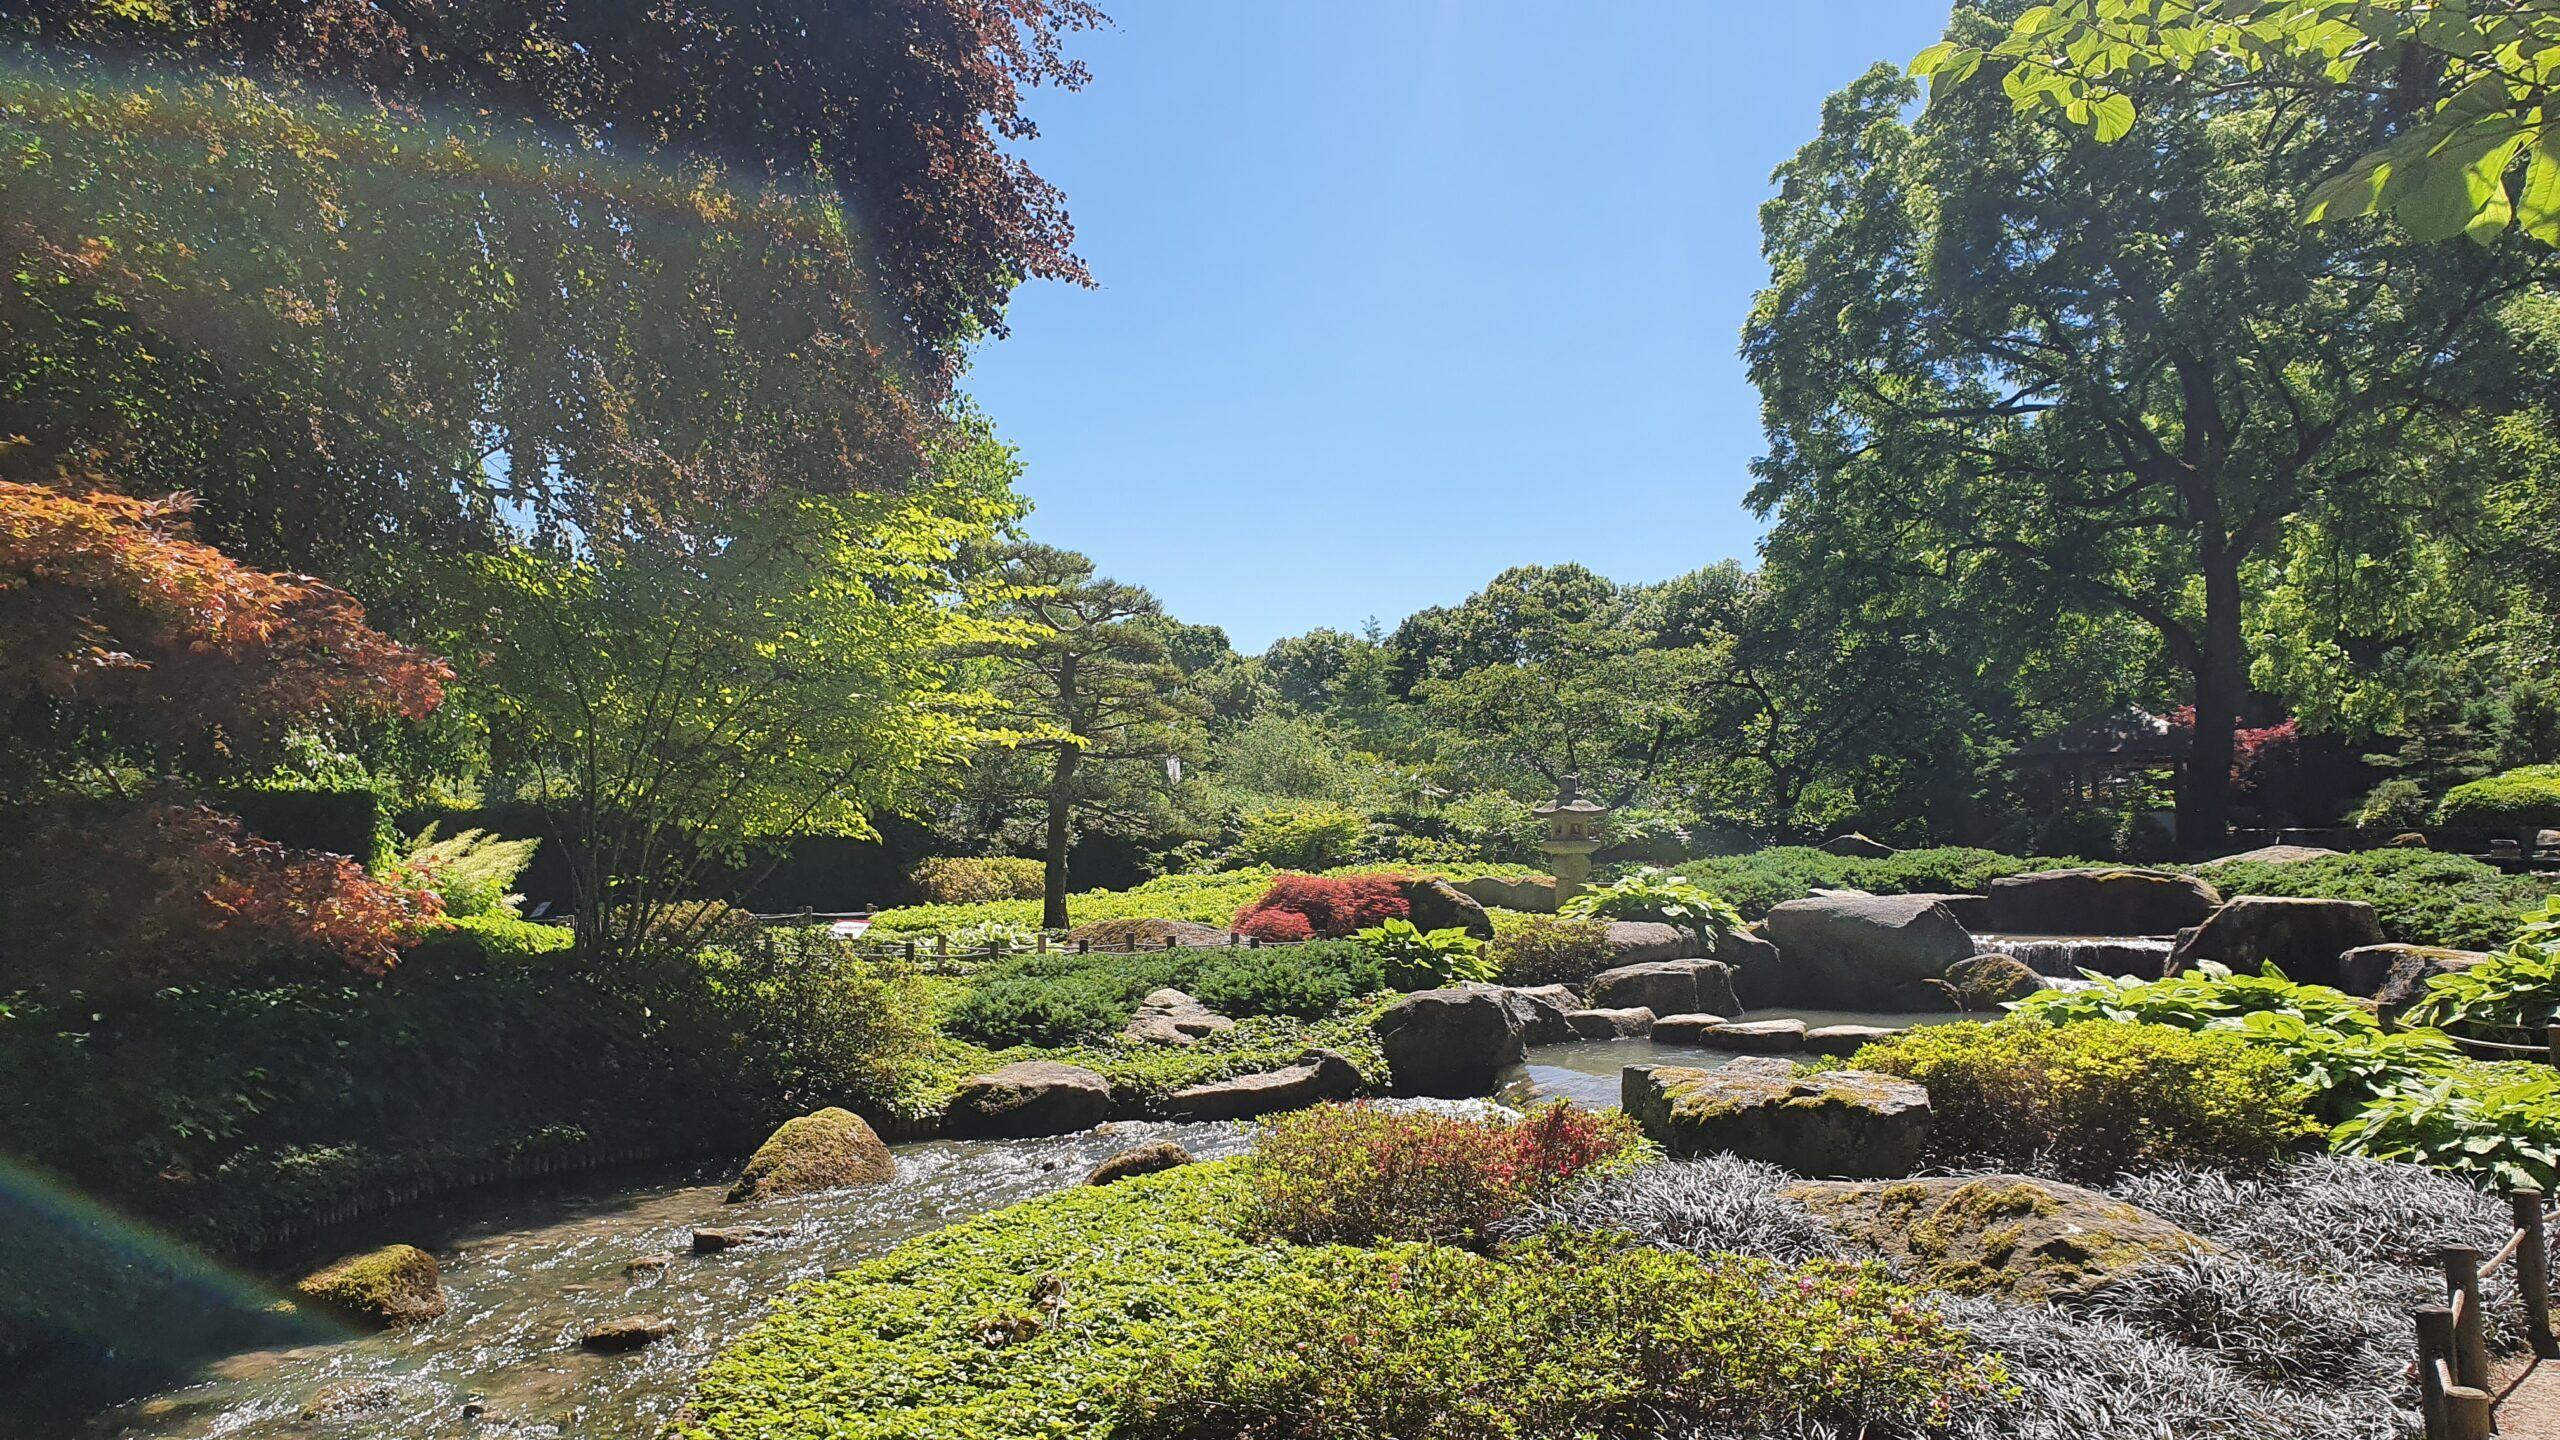 21 04 28 Botanischer Garten Augsburg Scaled